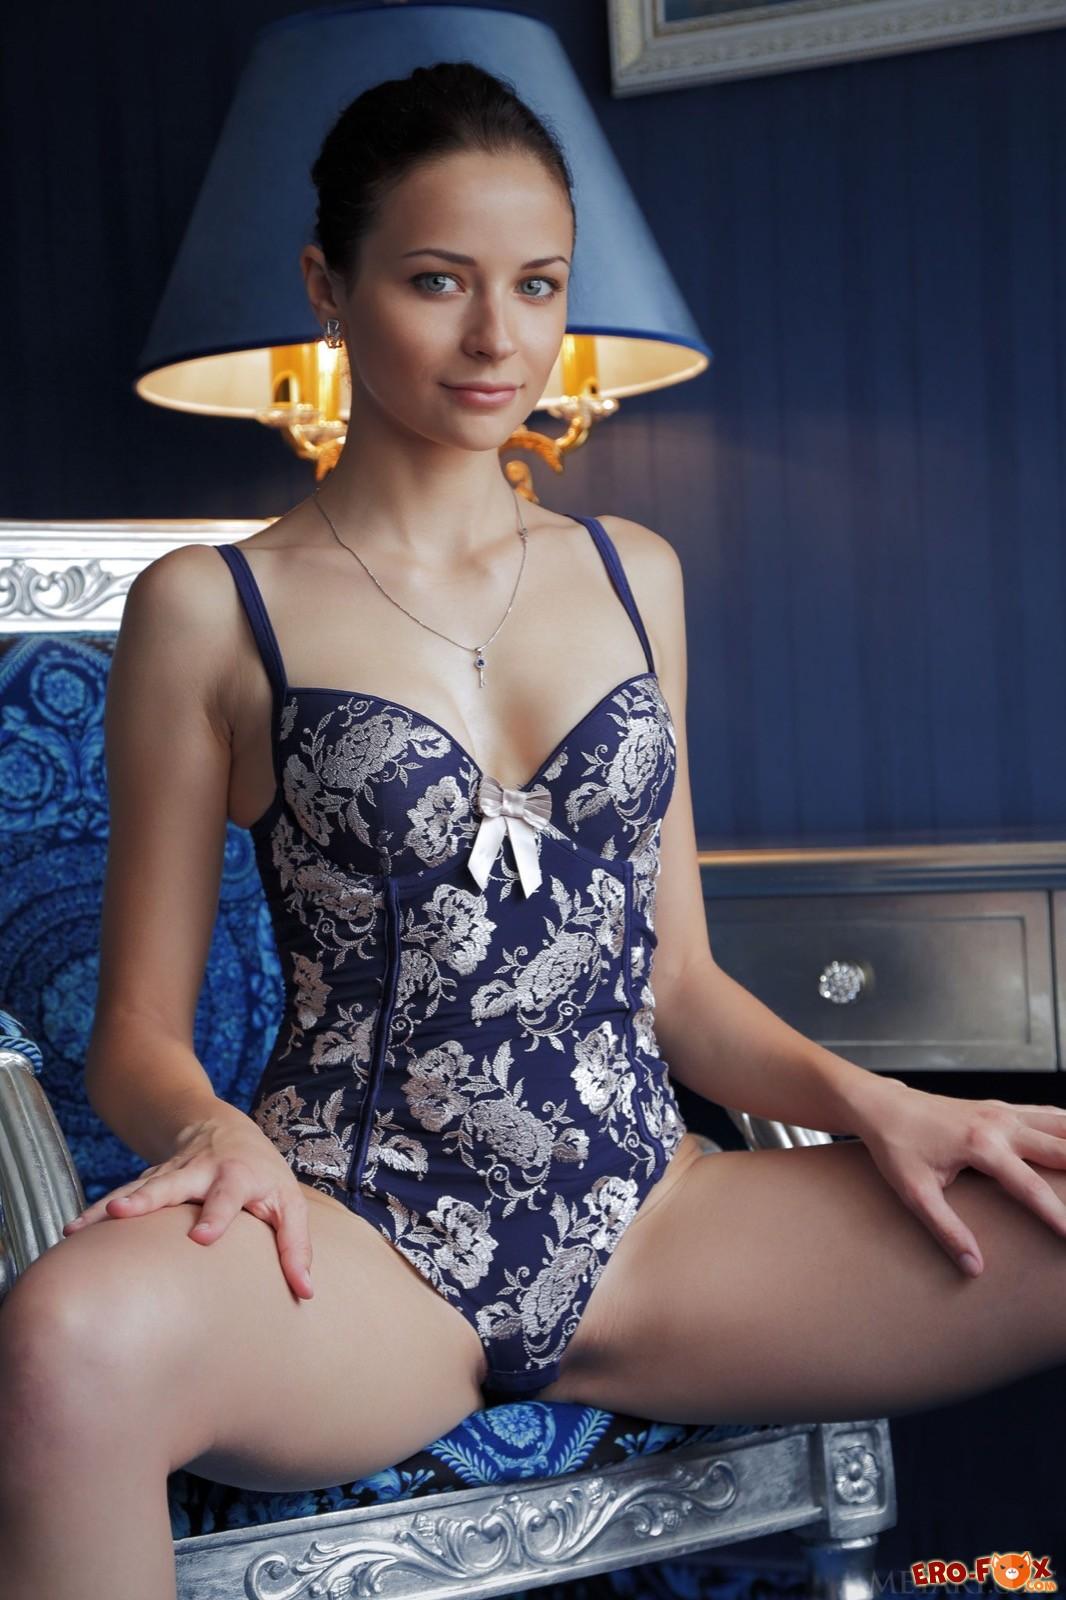 Красавица в боди показала стройную фигуру в кресле